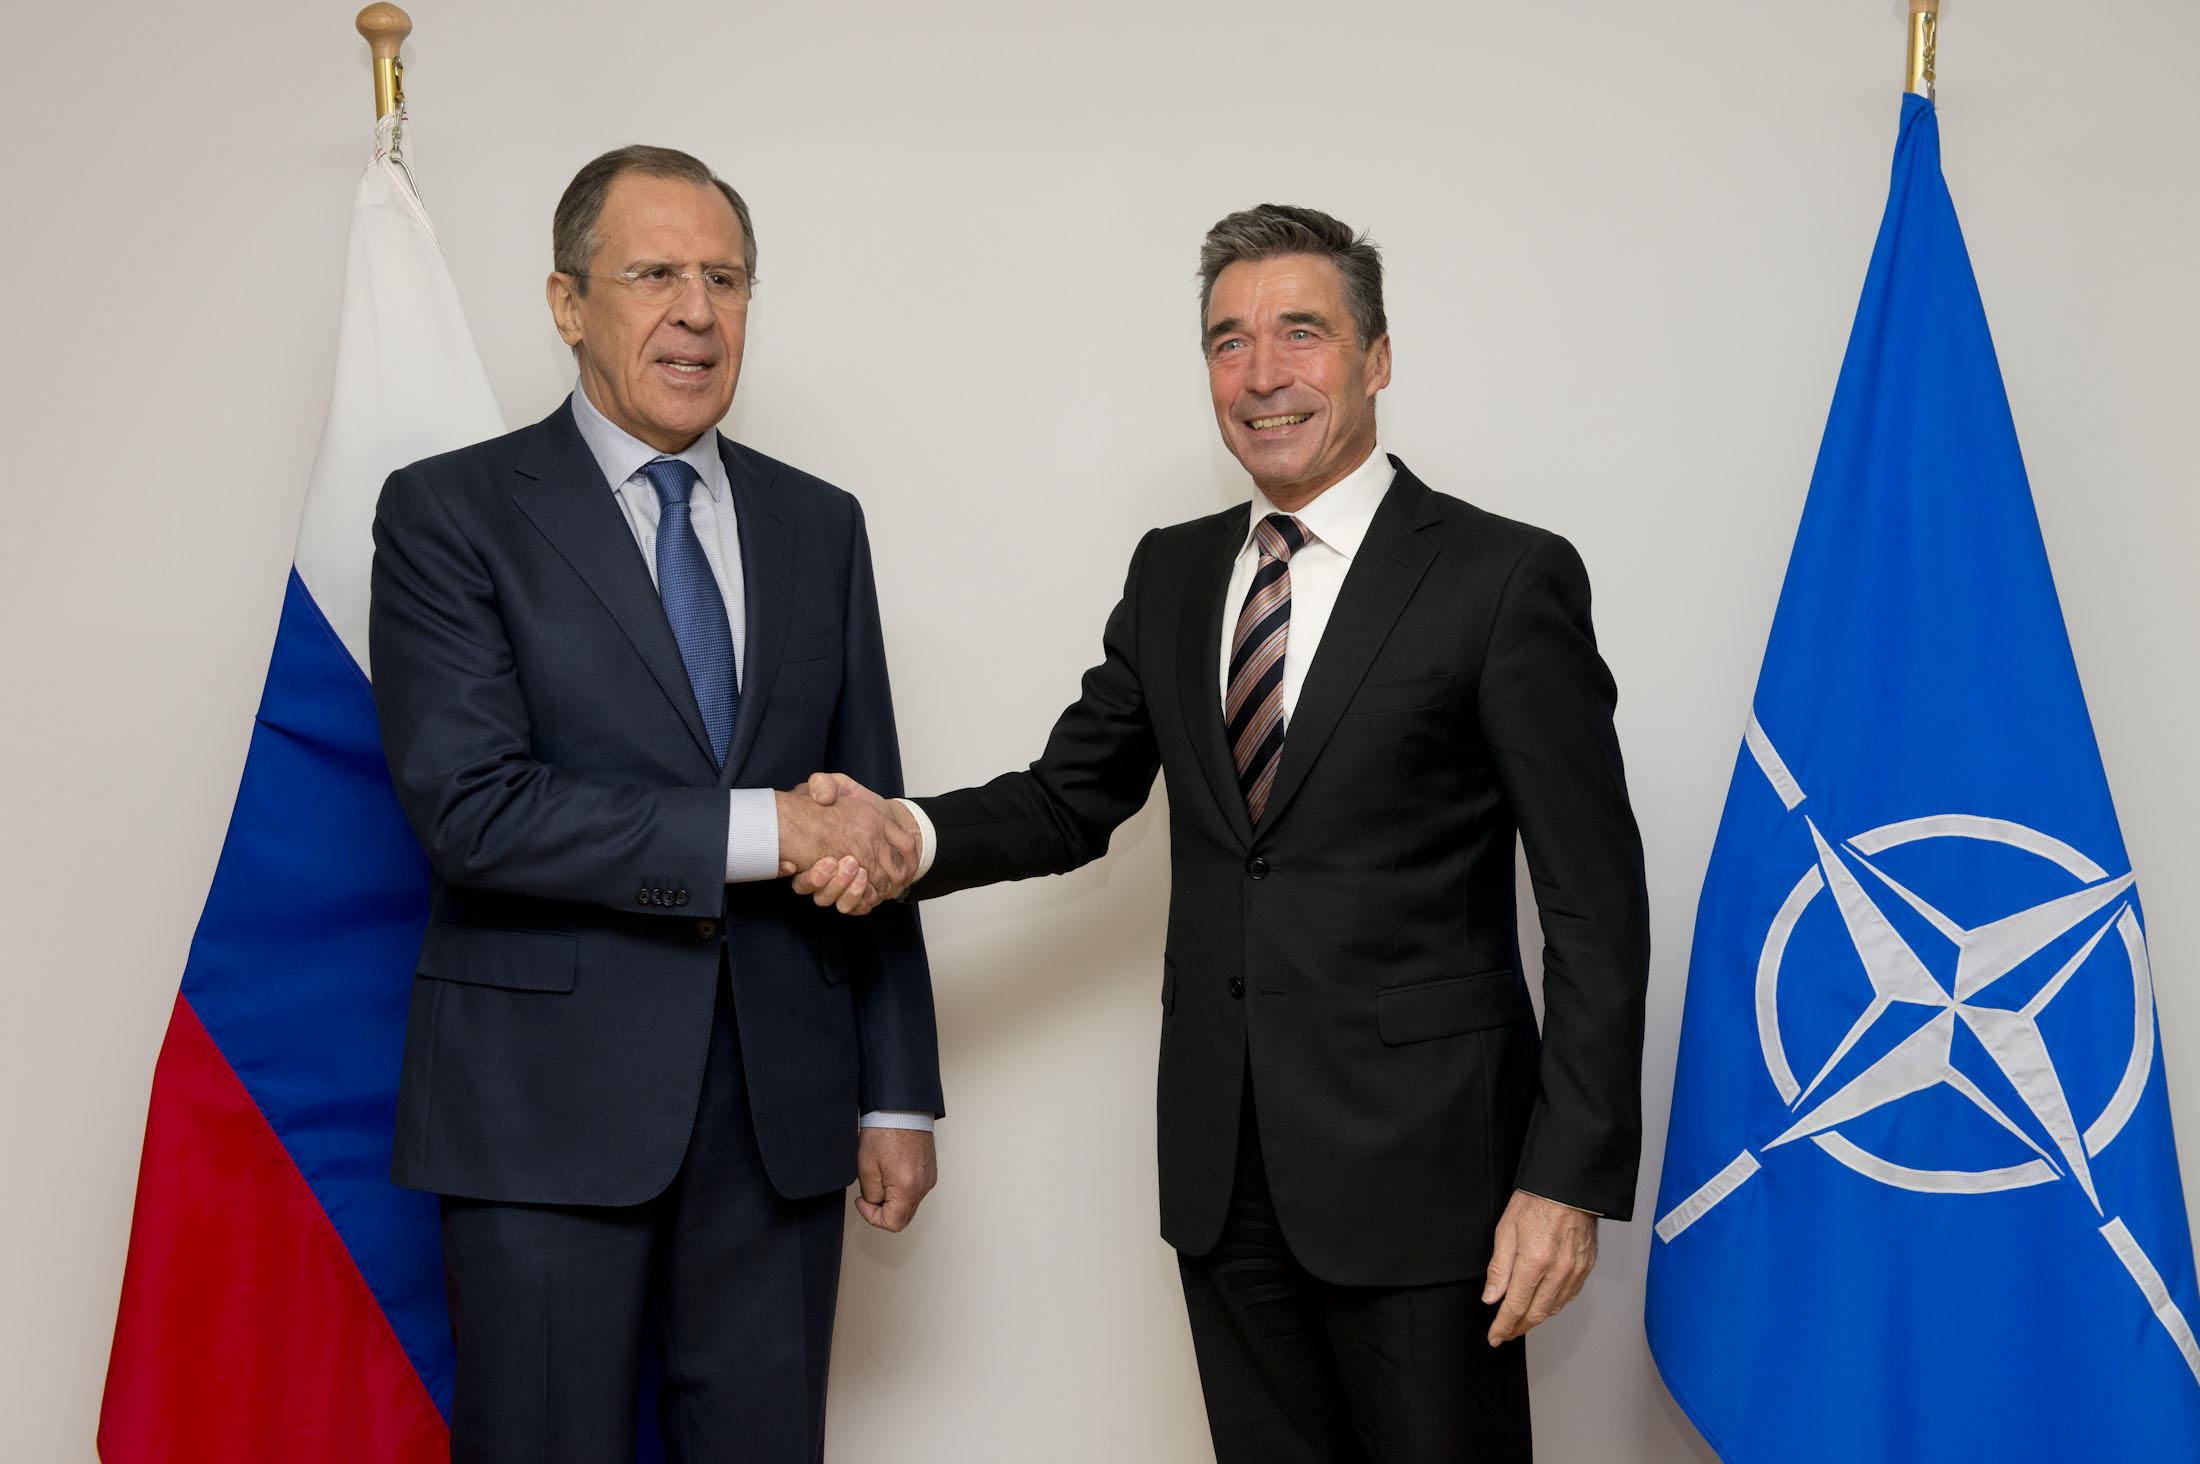 Mýty o NATO a Rusku